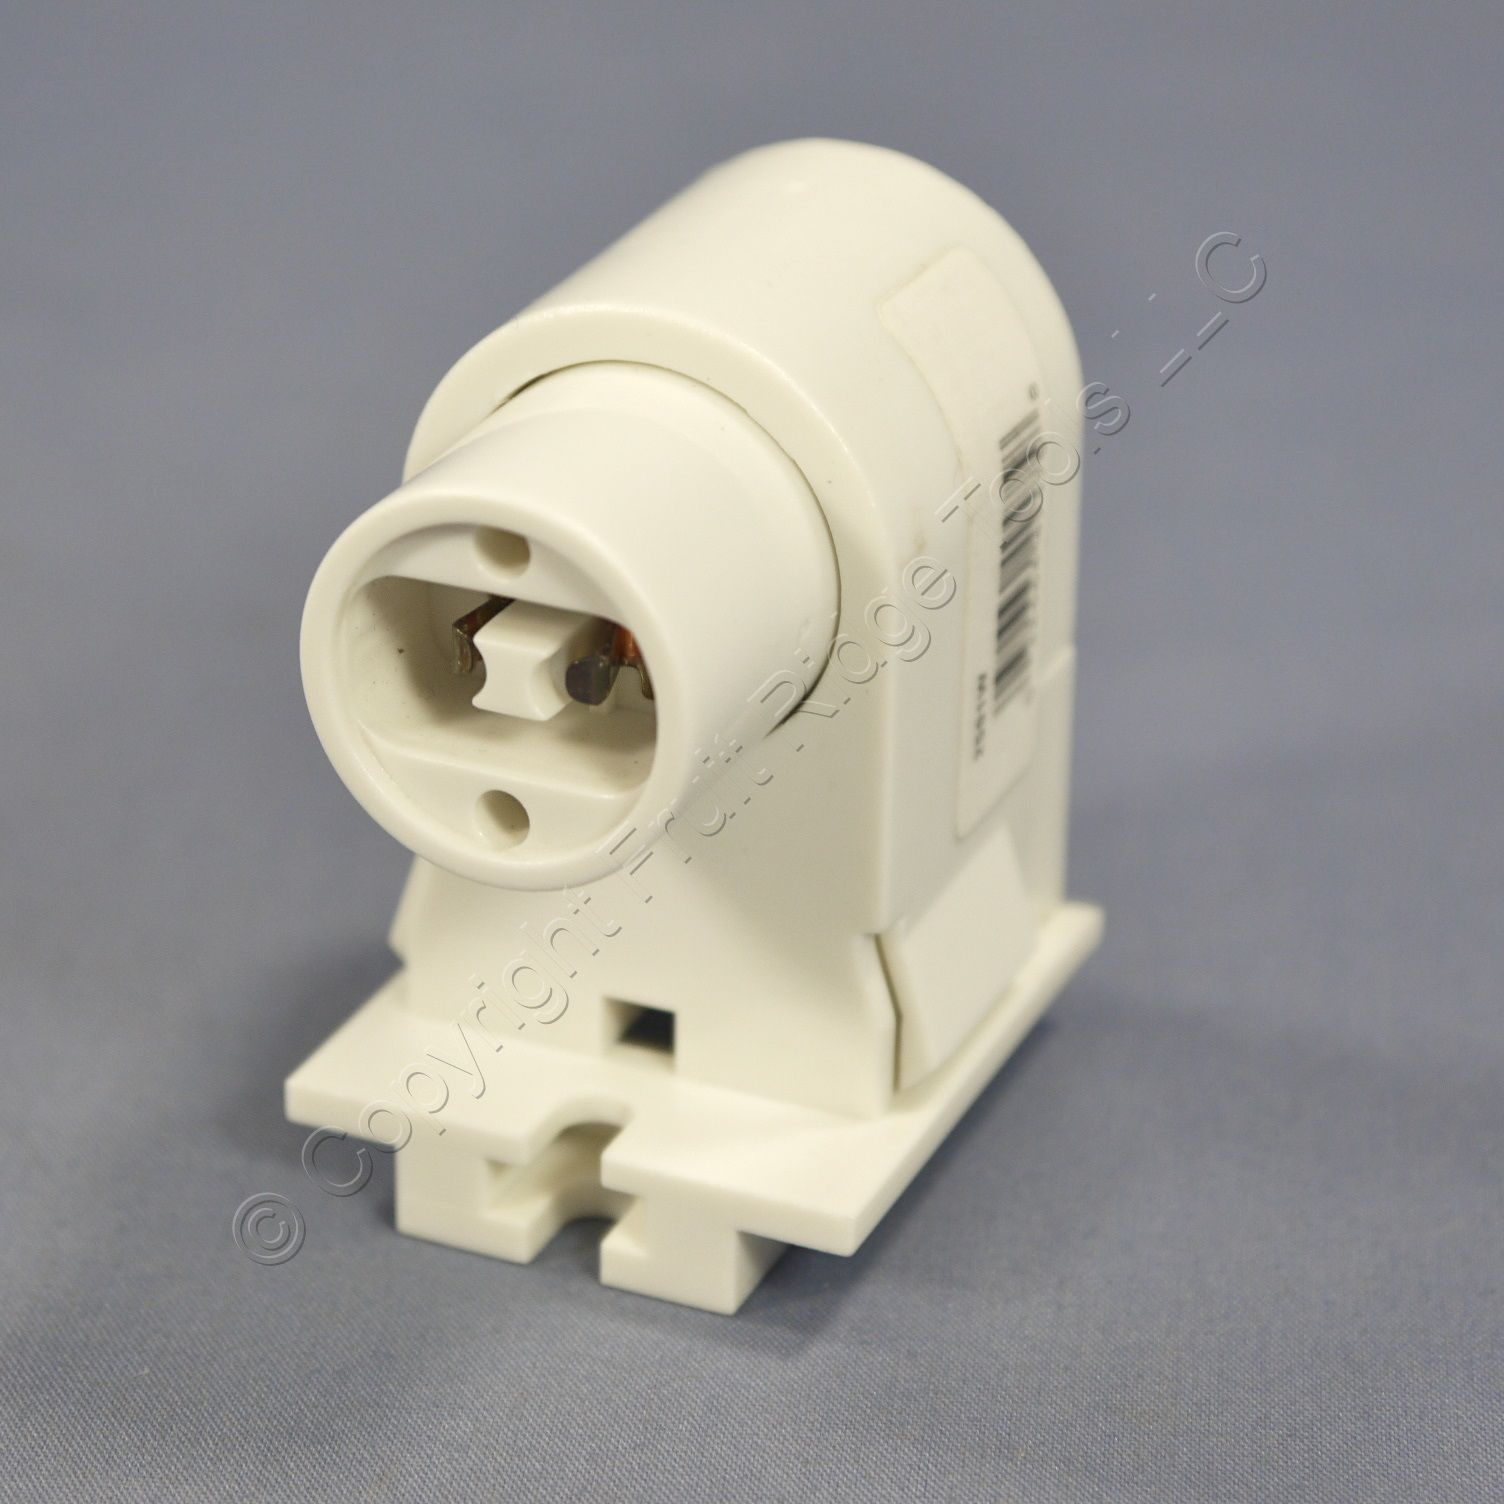 cooper high output t8 ho fluorescent light lampholder. Black Bedroom Furniture Sets. Home Design Ideas